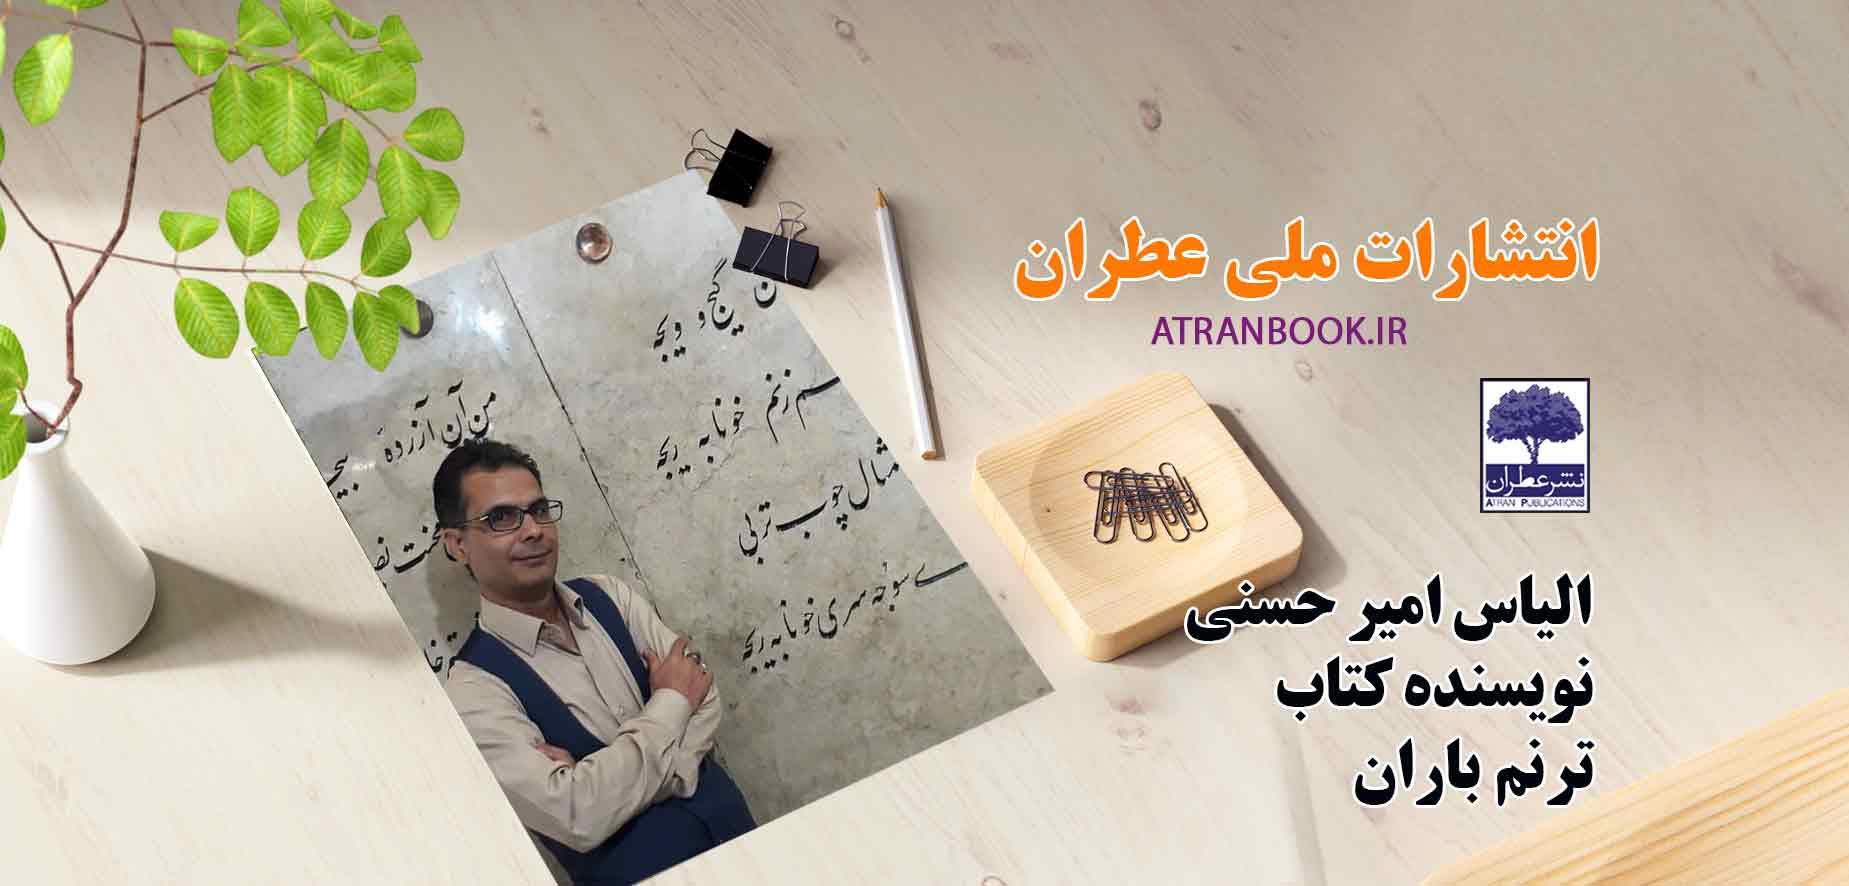 الیاس امیر حسنی: نویسنده کتاب